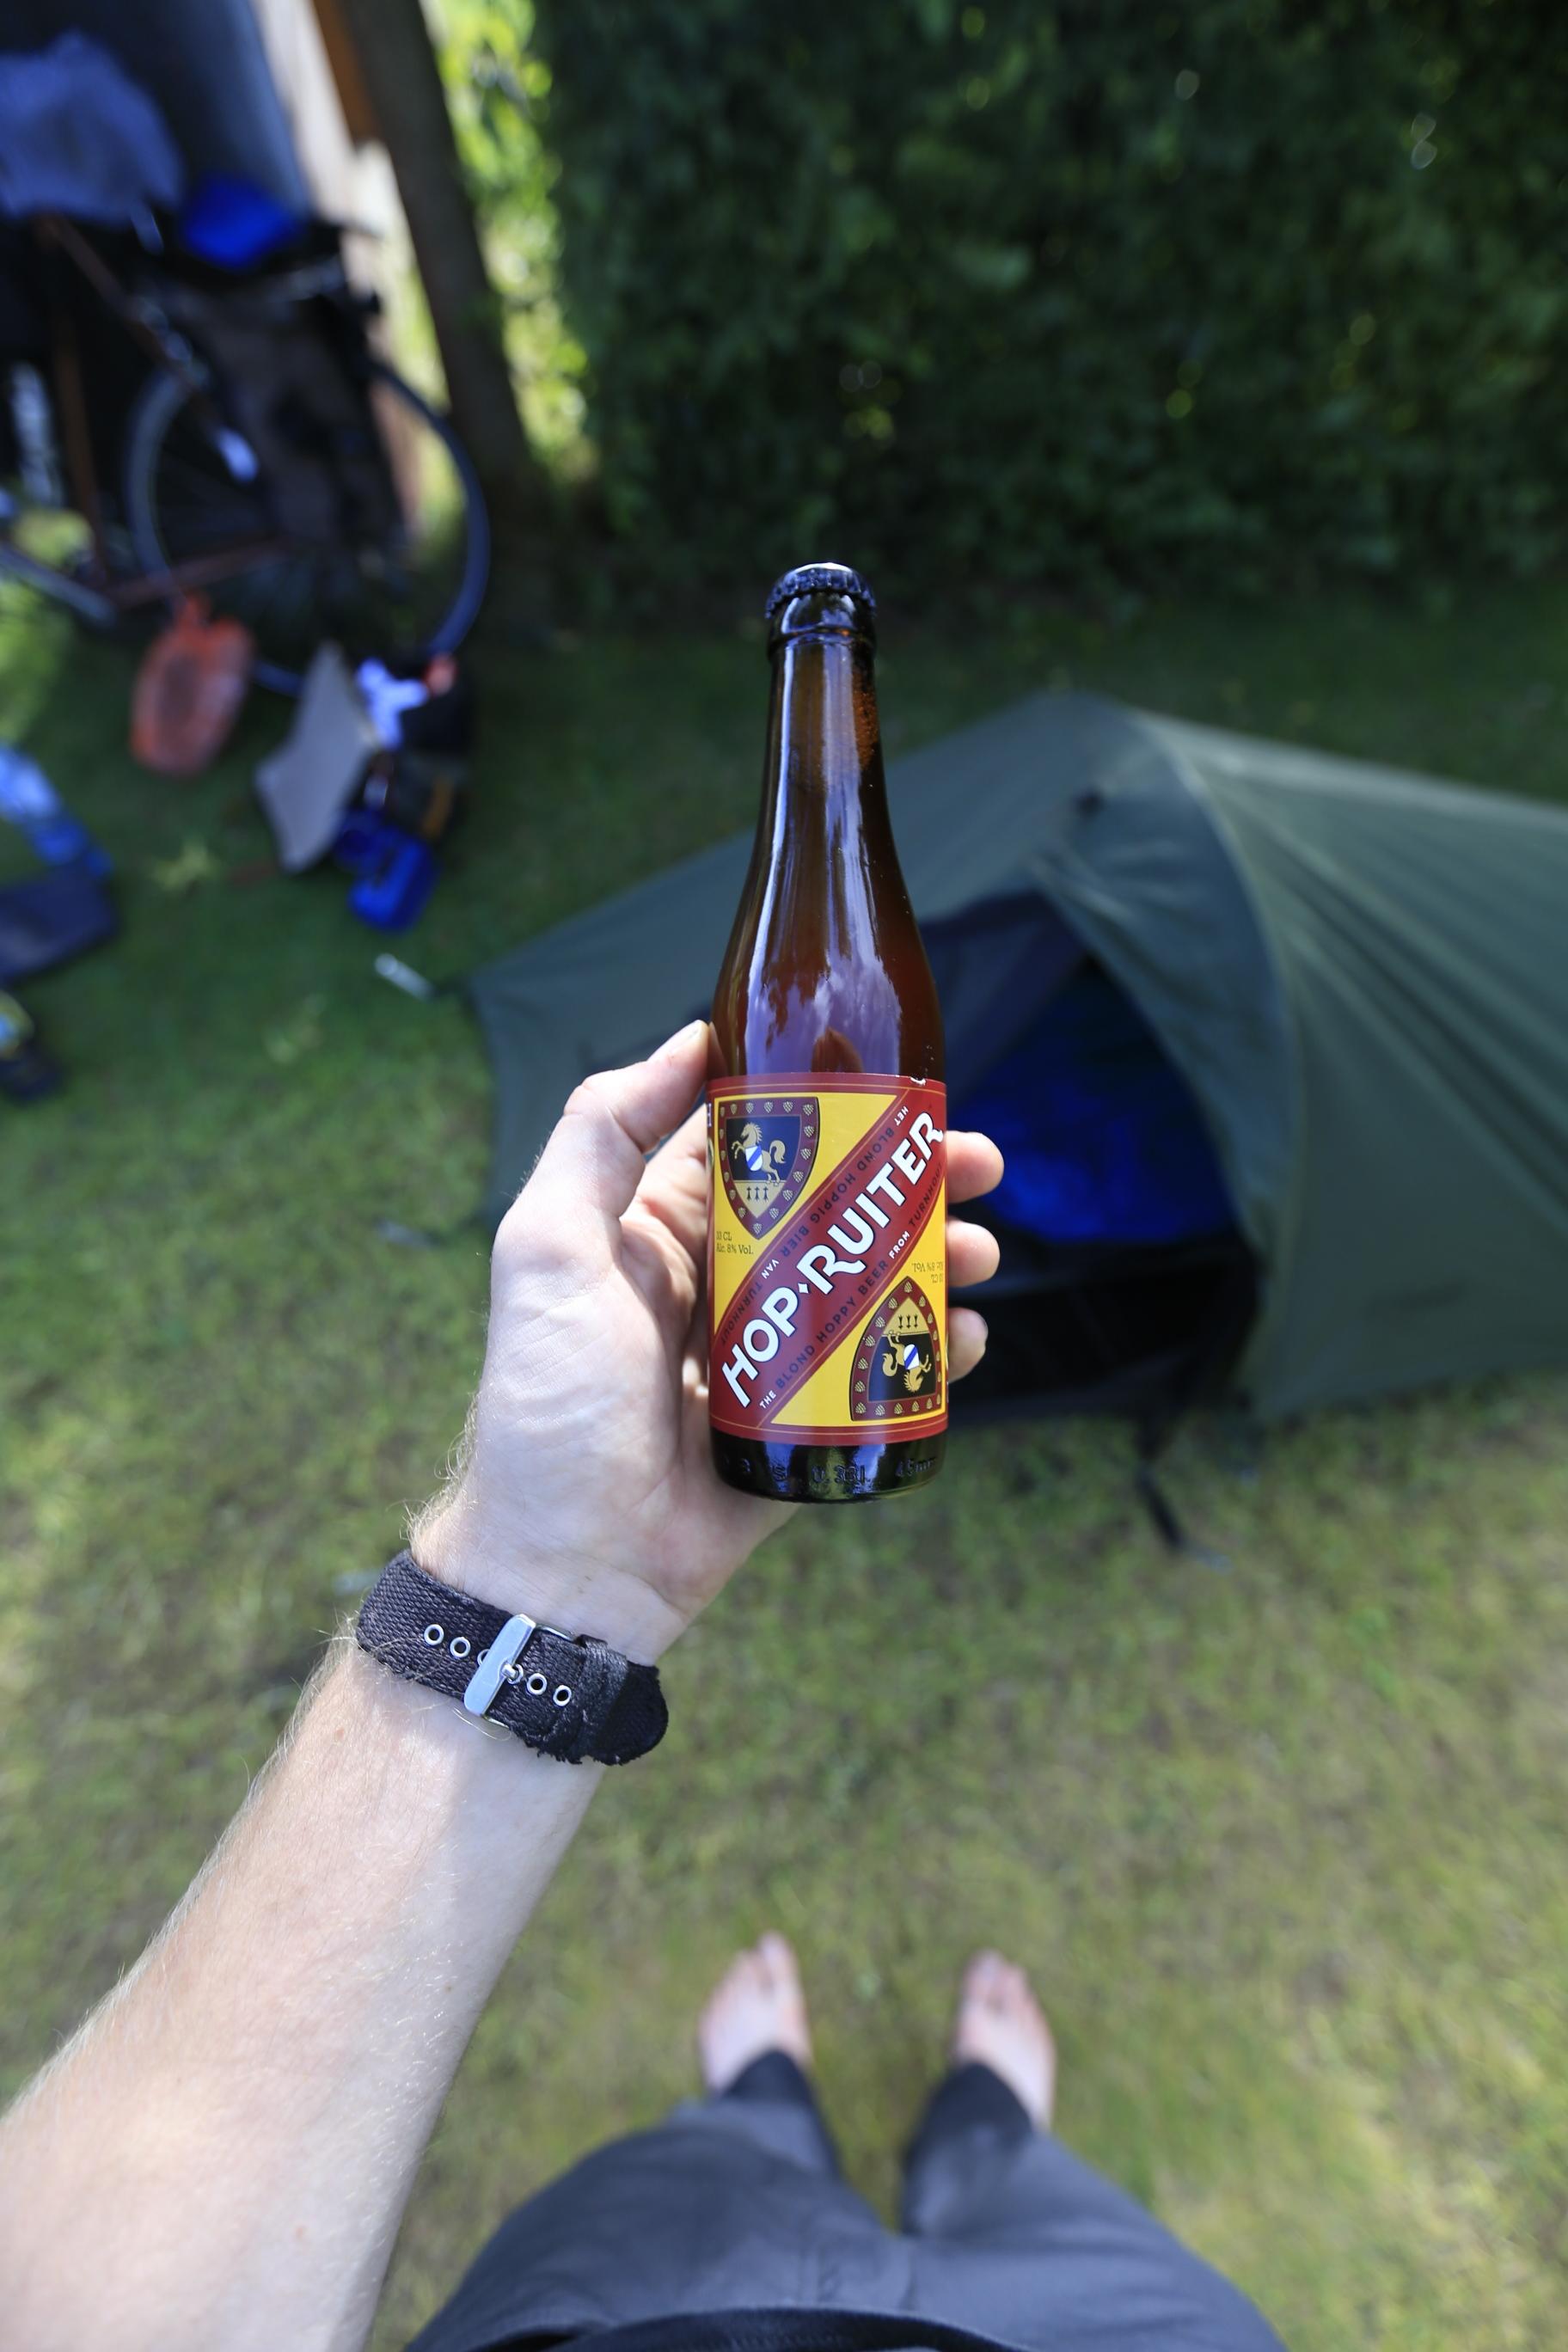 belgium beer, beer, beer blog, beer photography, bikepacking beer, food, foodie, food blog, food photography, cycle touring, cycling beer, cycling blog, bikepacking blog